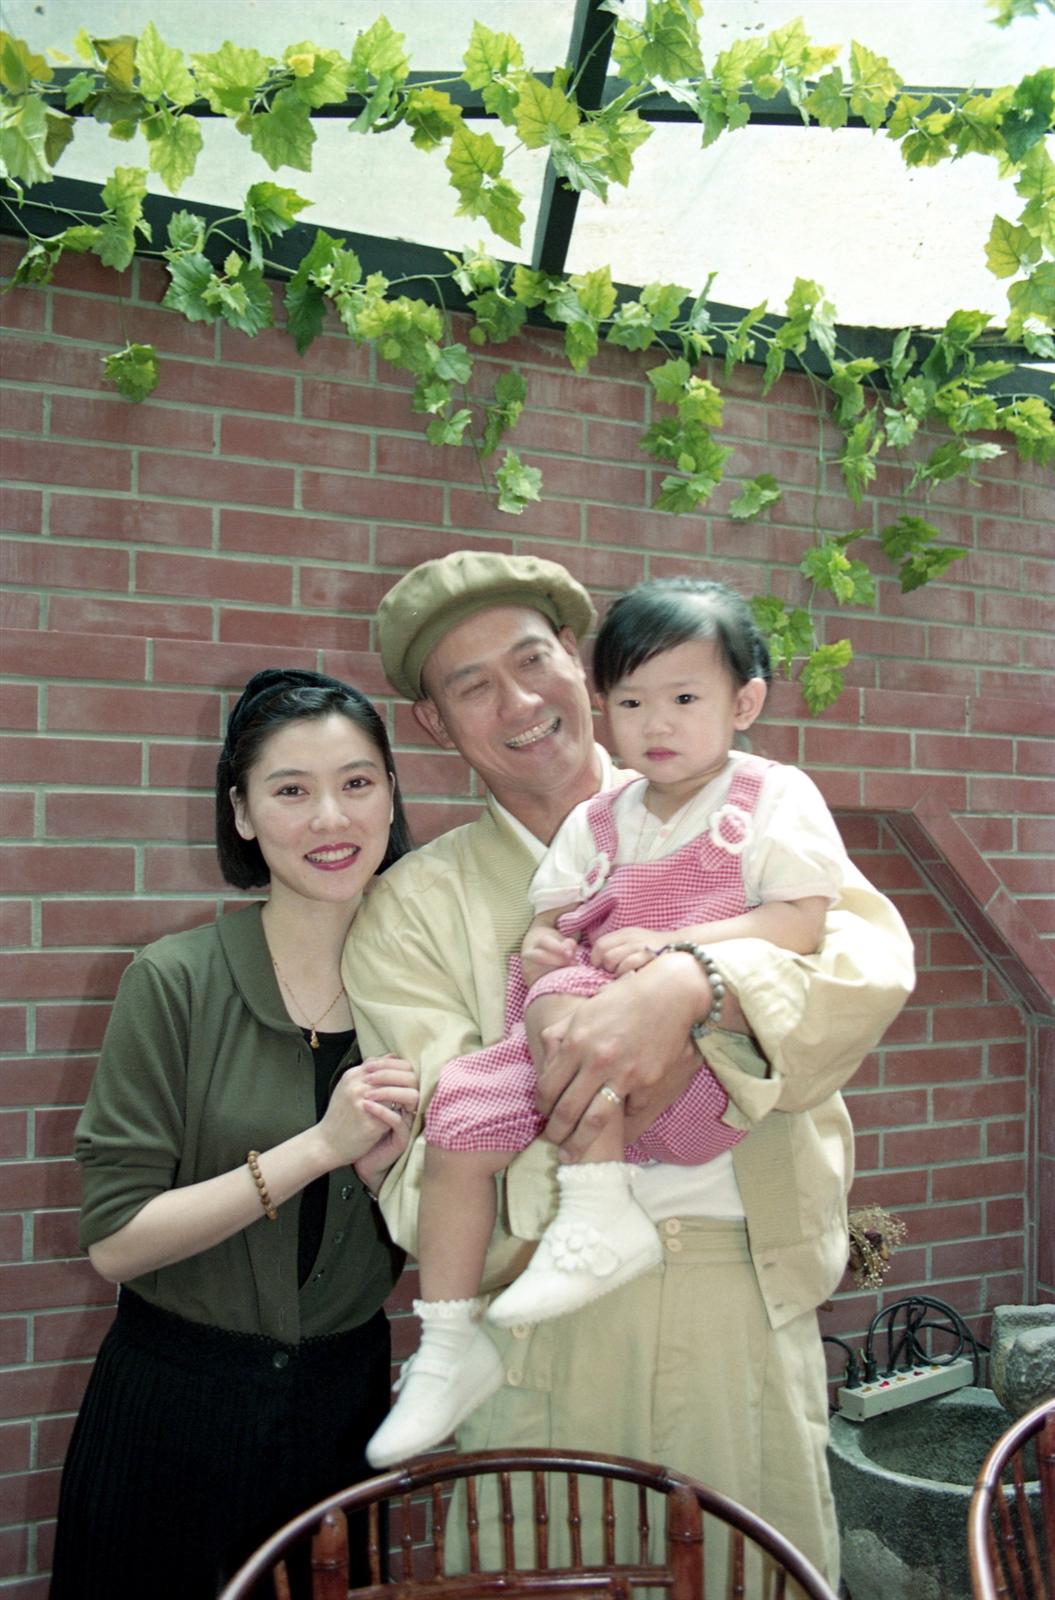 官晶華與鄭少秋結婚後,就退出演藝圈,專心在家相夫教子。 圖/聯合報系資料照